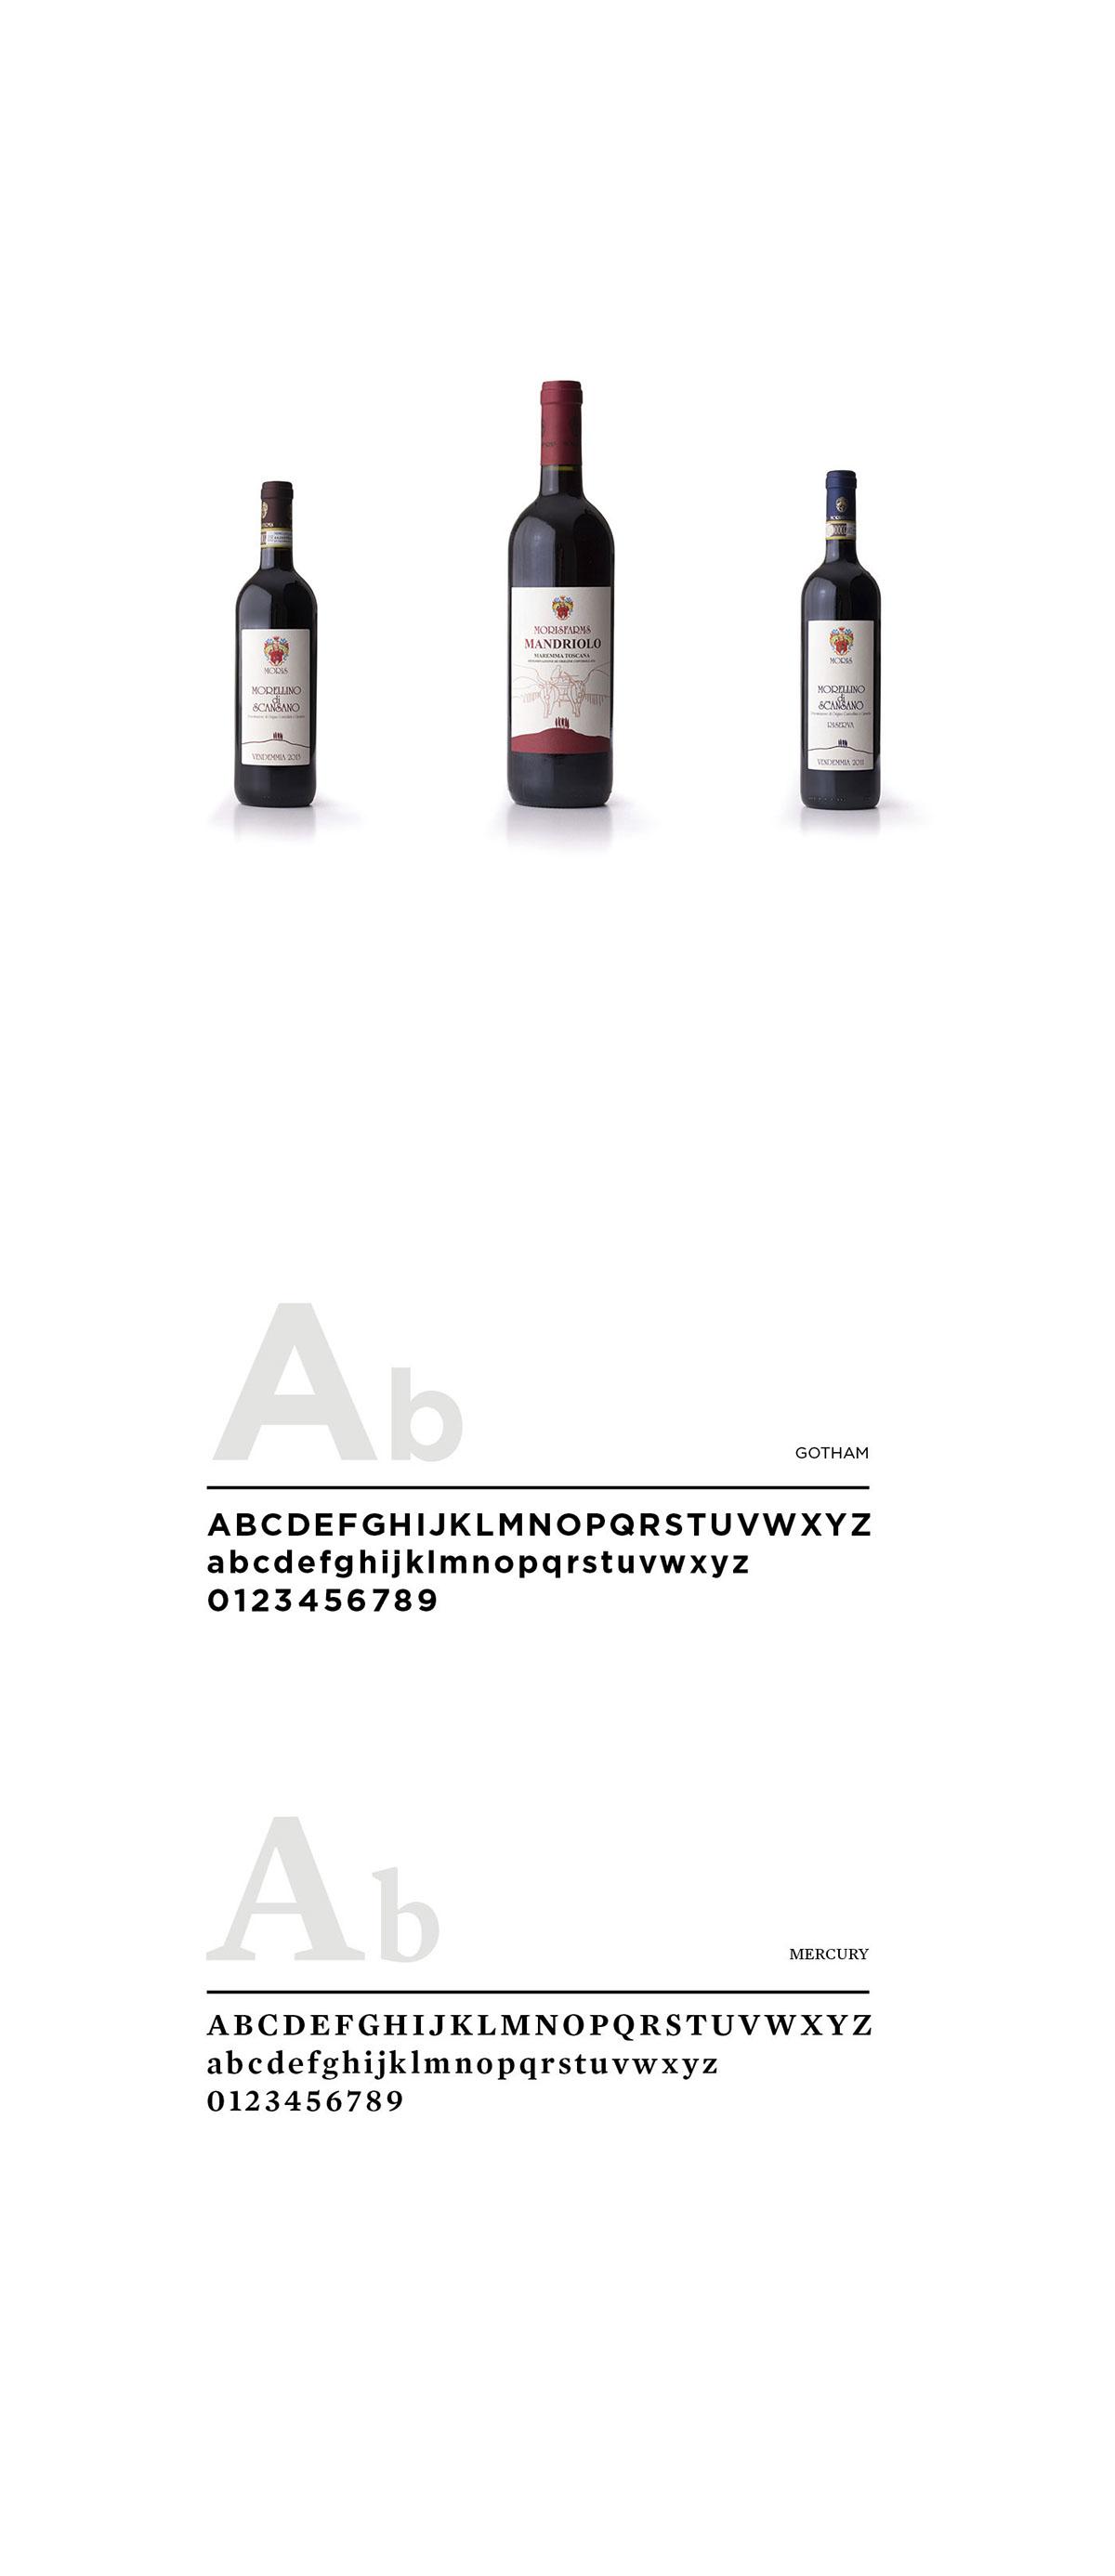 Bottega Toscana Hong Kong品牌形象设计欣赏 - 任刚 · Ren Gang 世界设计 · 设计世界